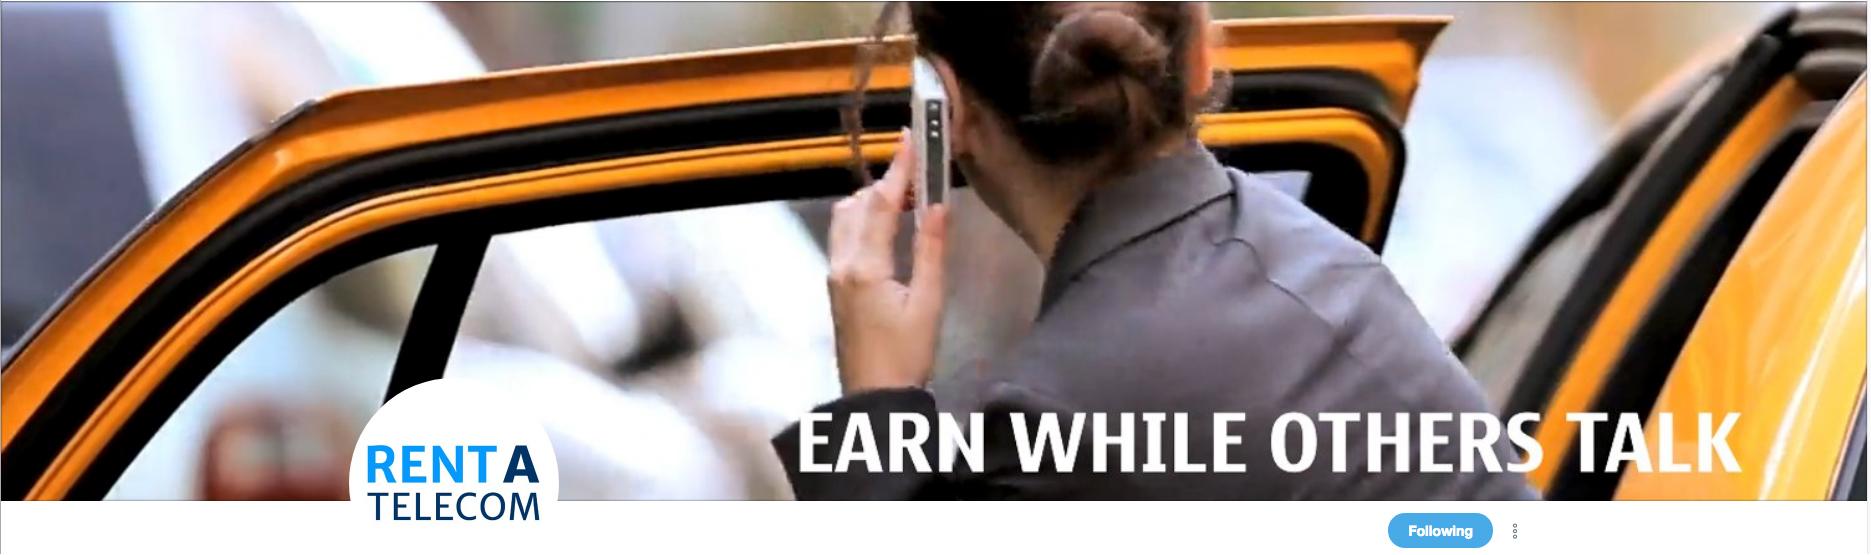 rent a telecom